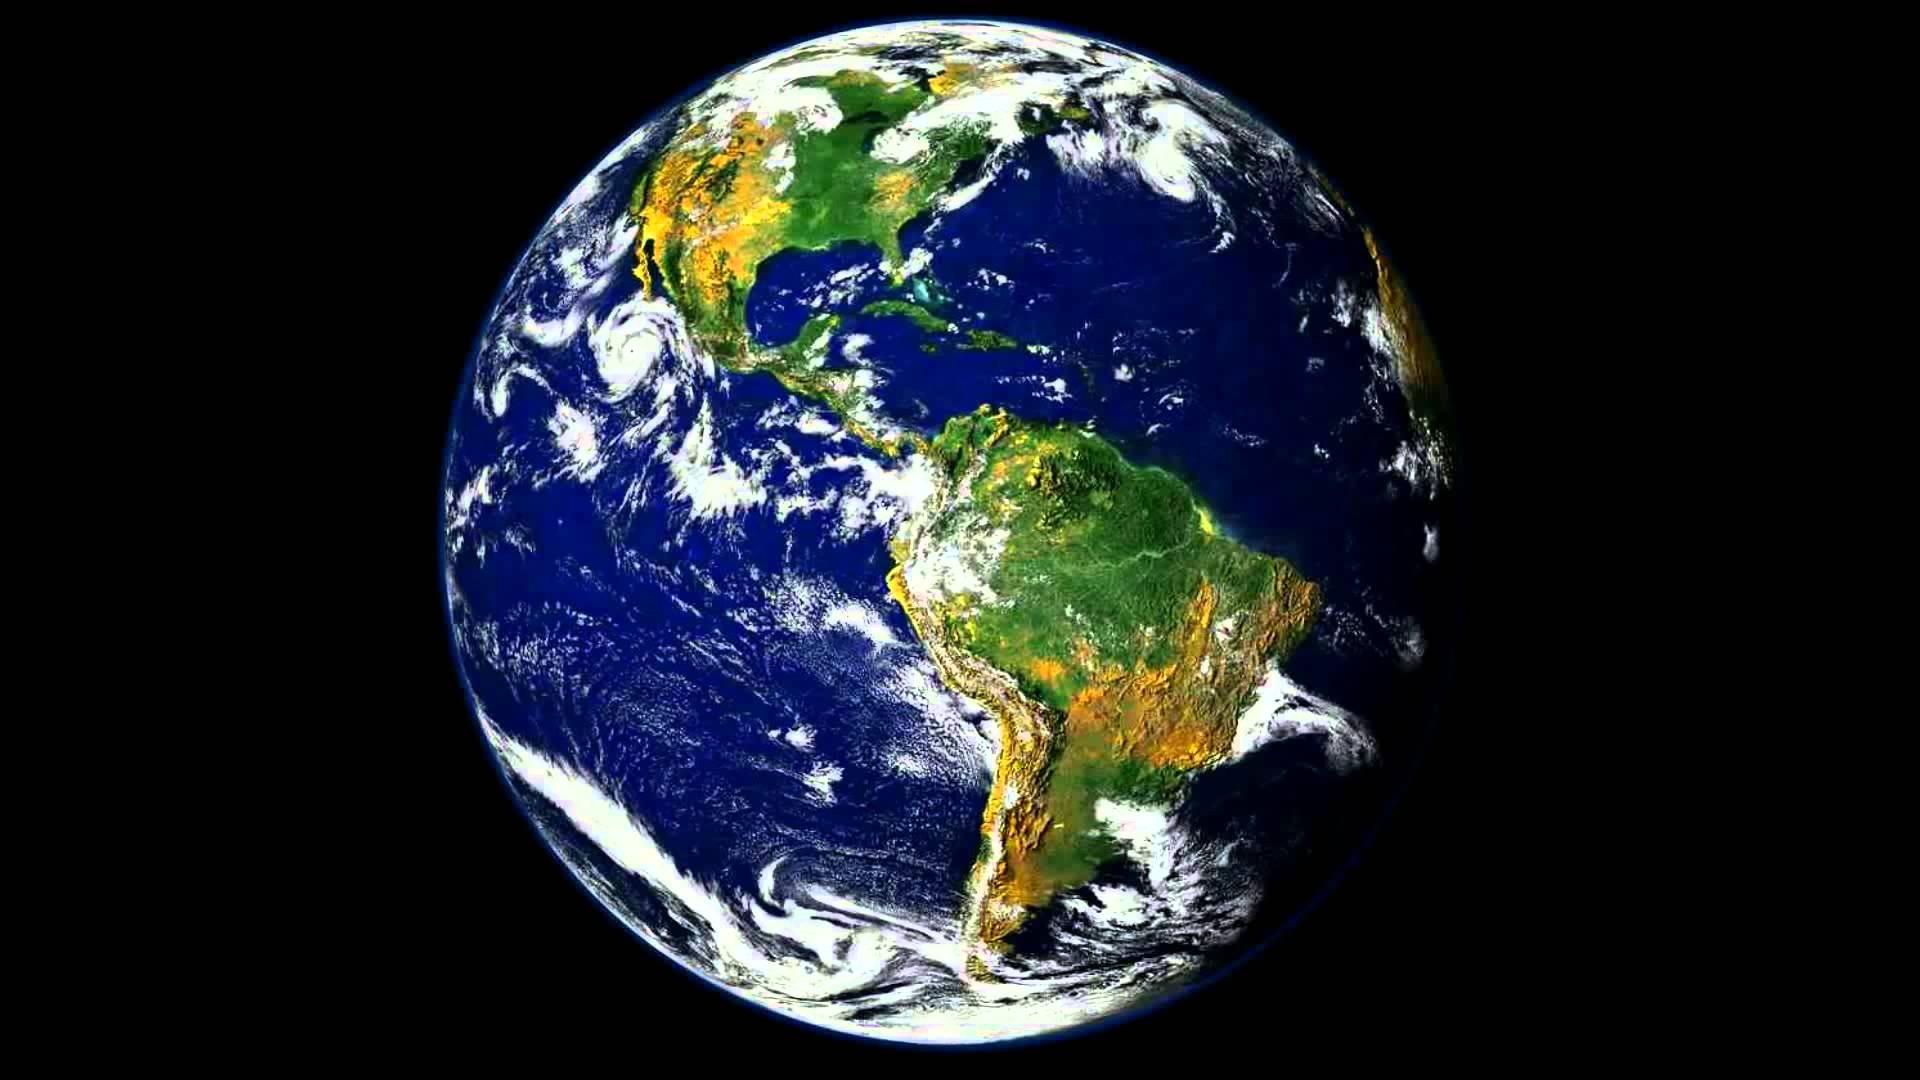 Земля расширяется исжимается вместе сГалактикой, сообщили ученые